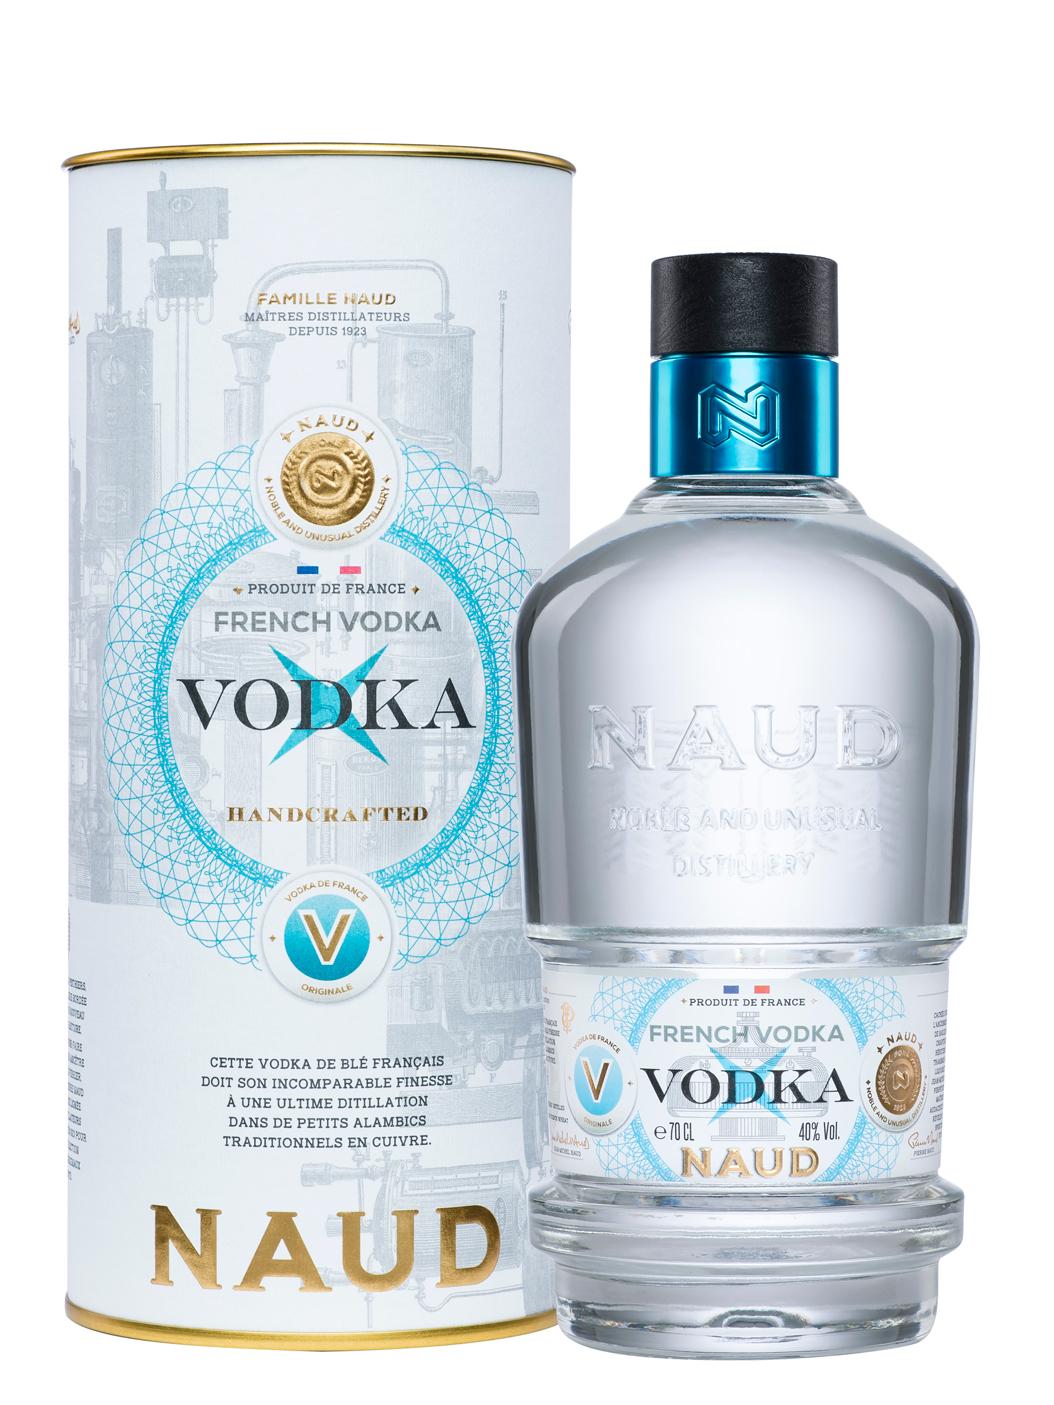 NAUD_Bouteilles-et-Canisters_SPIRITUEUX_Cognac-Rhum-Gin-Vodka-Identite-Marque-Graphisme-Etiquette_PLANET-DESIGN-PARIS-Eric-Berthes_04.jpg